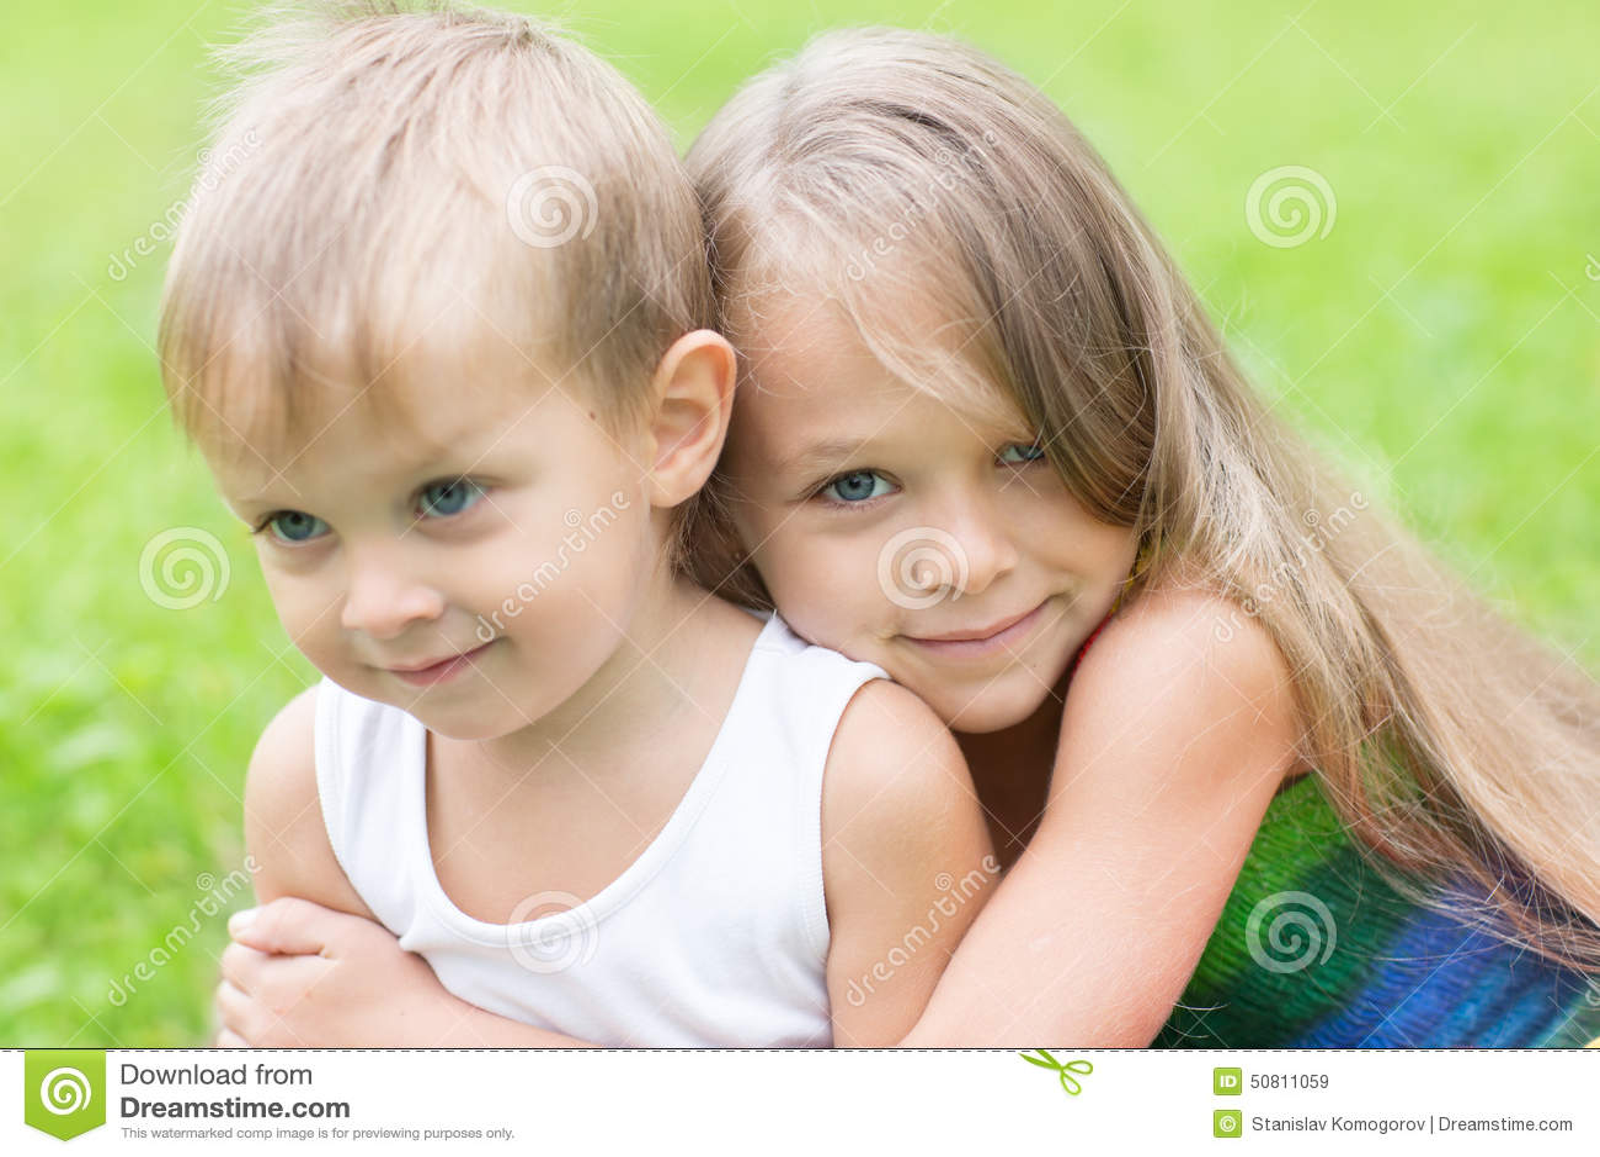 Симпатичный брат с сестрой 29 фотография